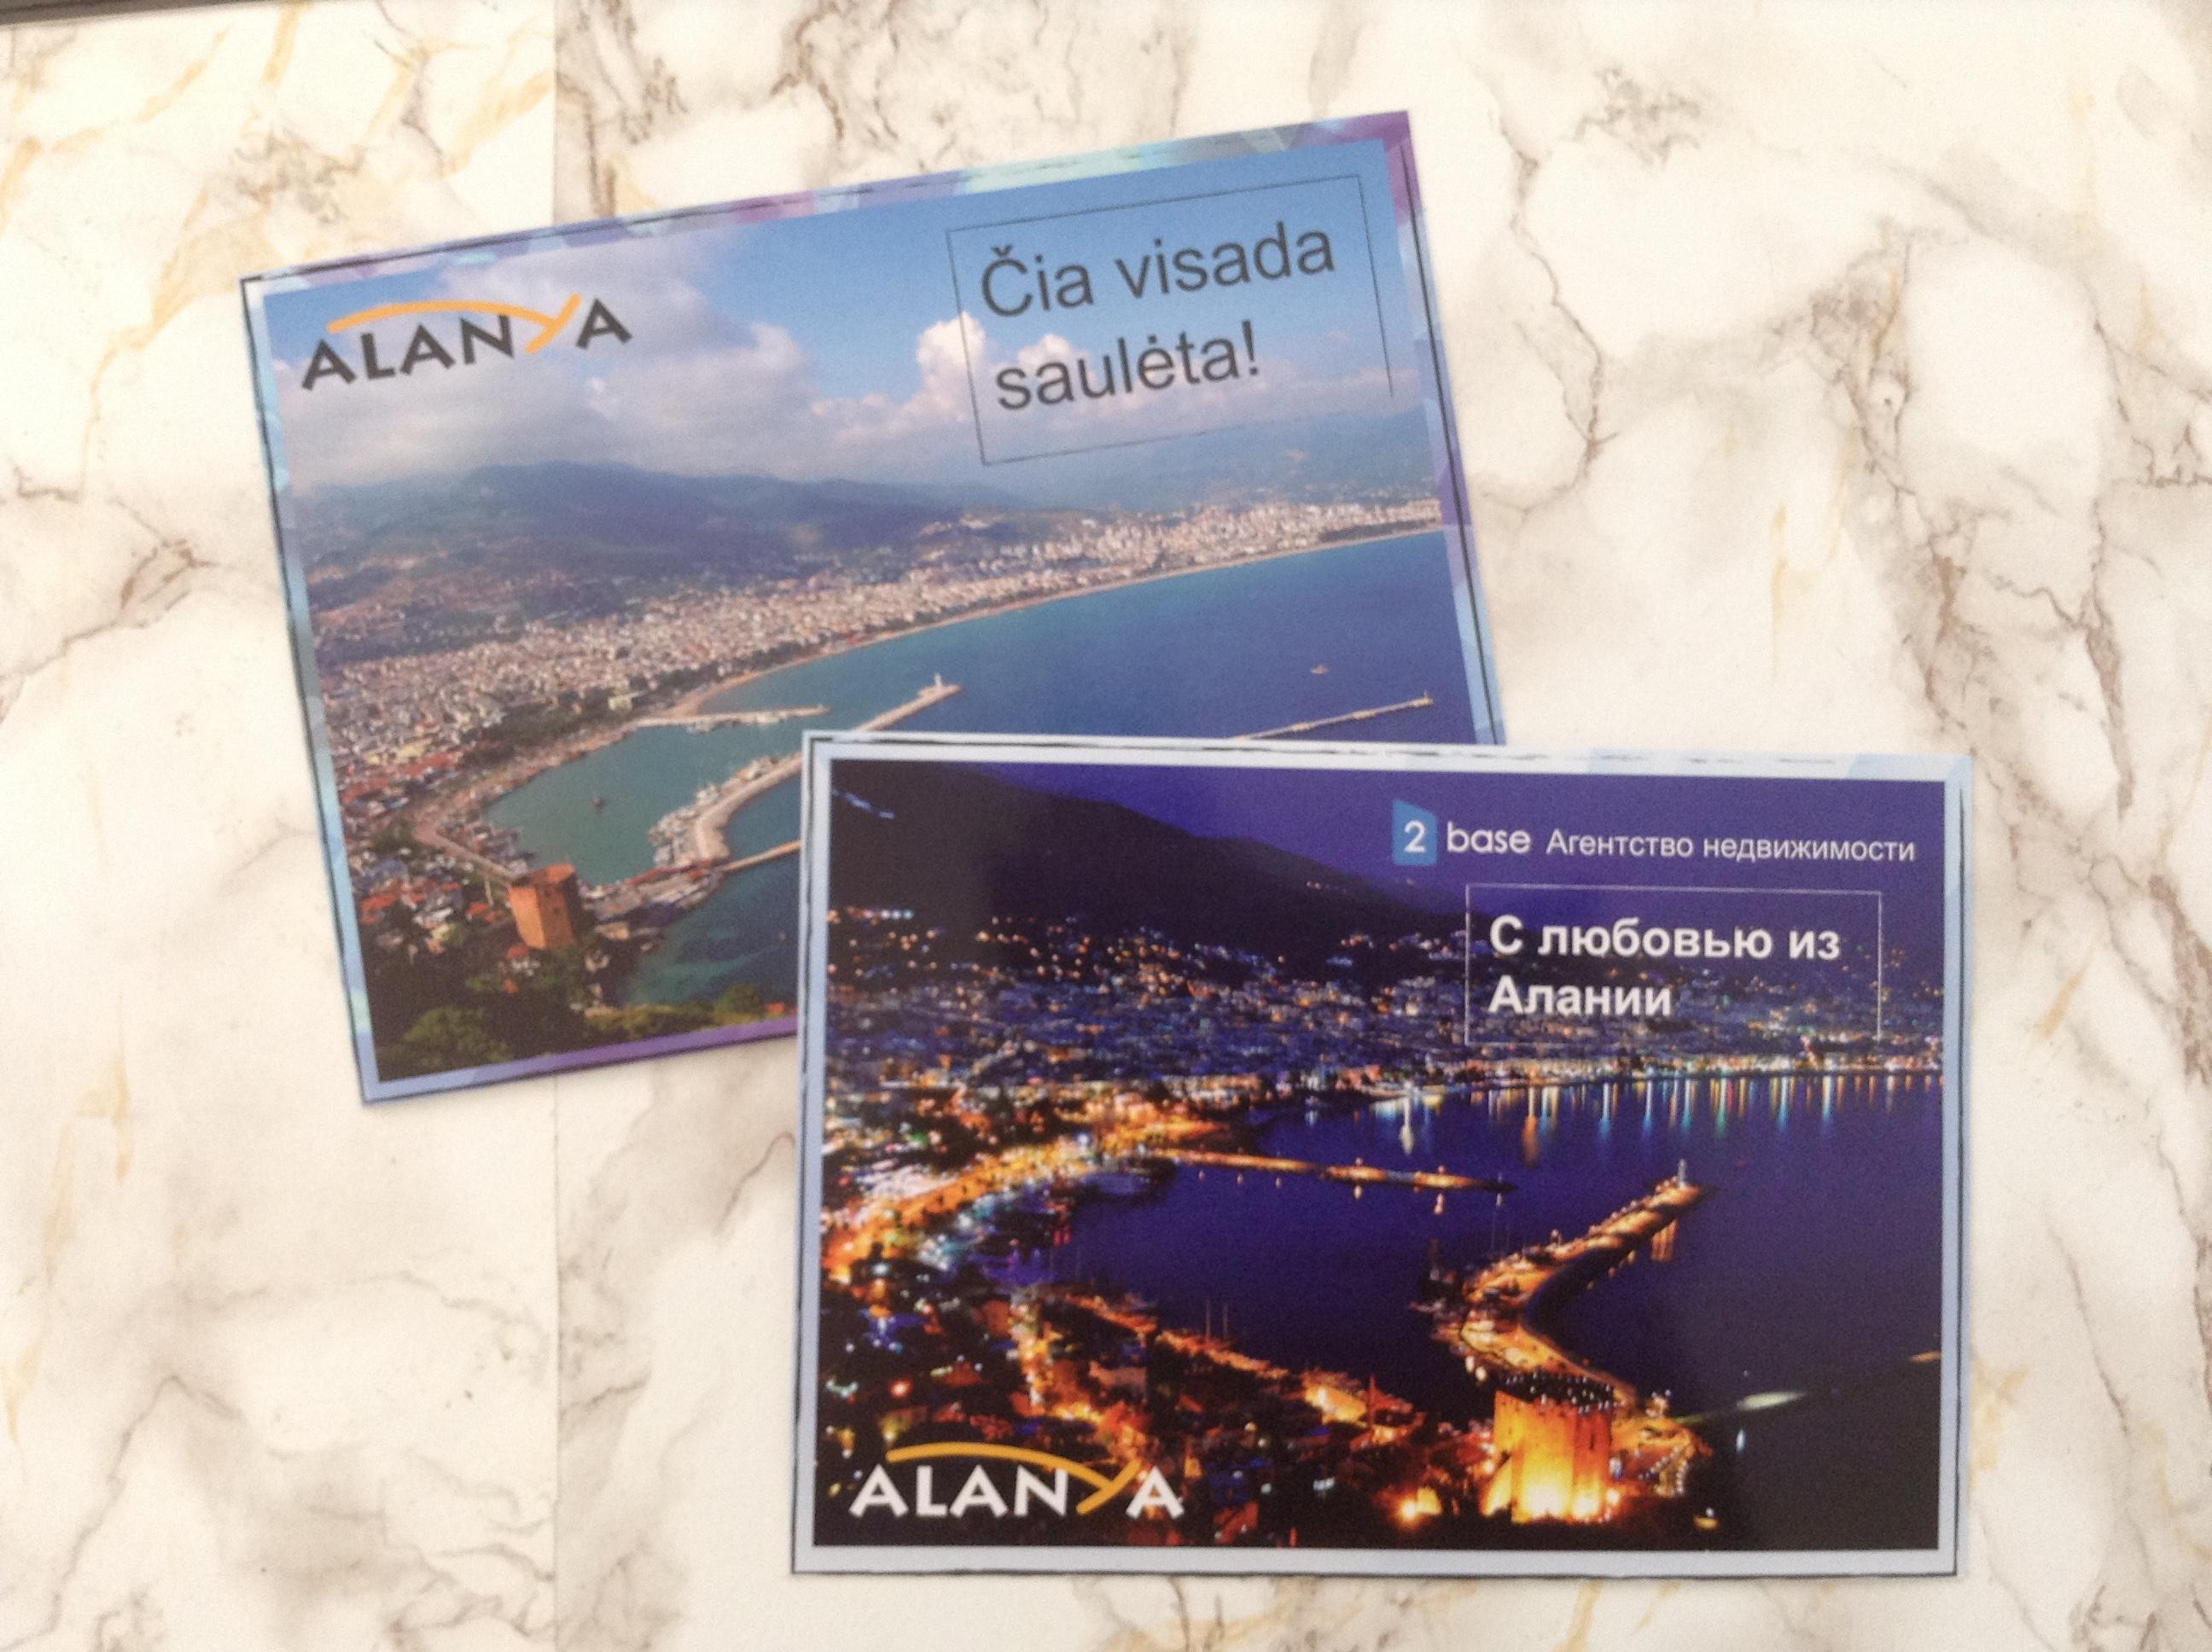 design af postkort, postkort design, sådan designer du et postkort, postkort fra alanya, postkort i alanya, 2base postkort, gratis postkort alanya, grafisker blog, blog om graisk design, grafisk design blog